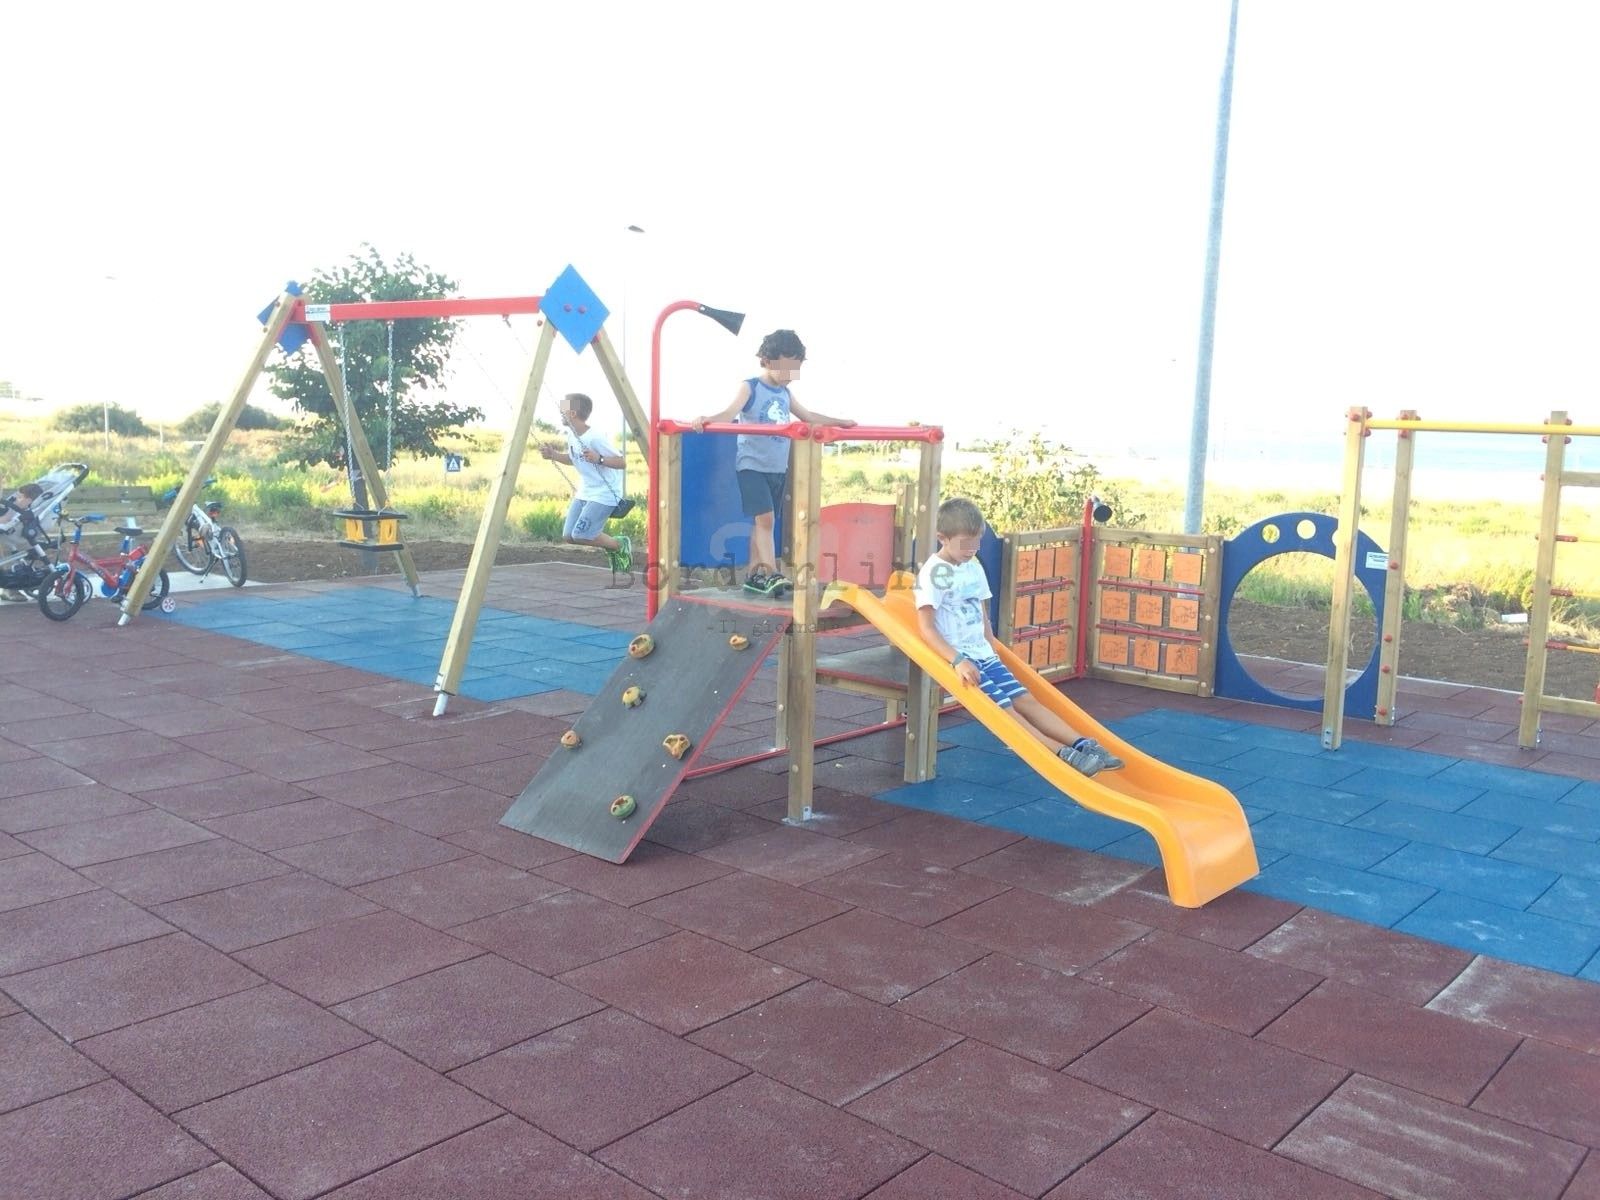 Giochi Per Bambini In Giardino bari, da sant'anna a santo spirito, nuova vita ai giochi per